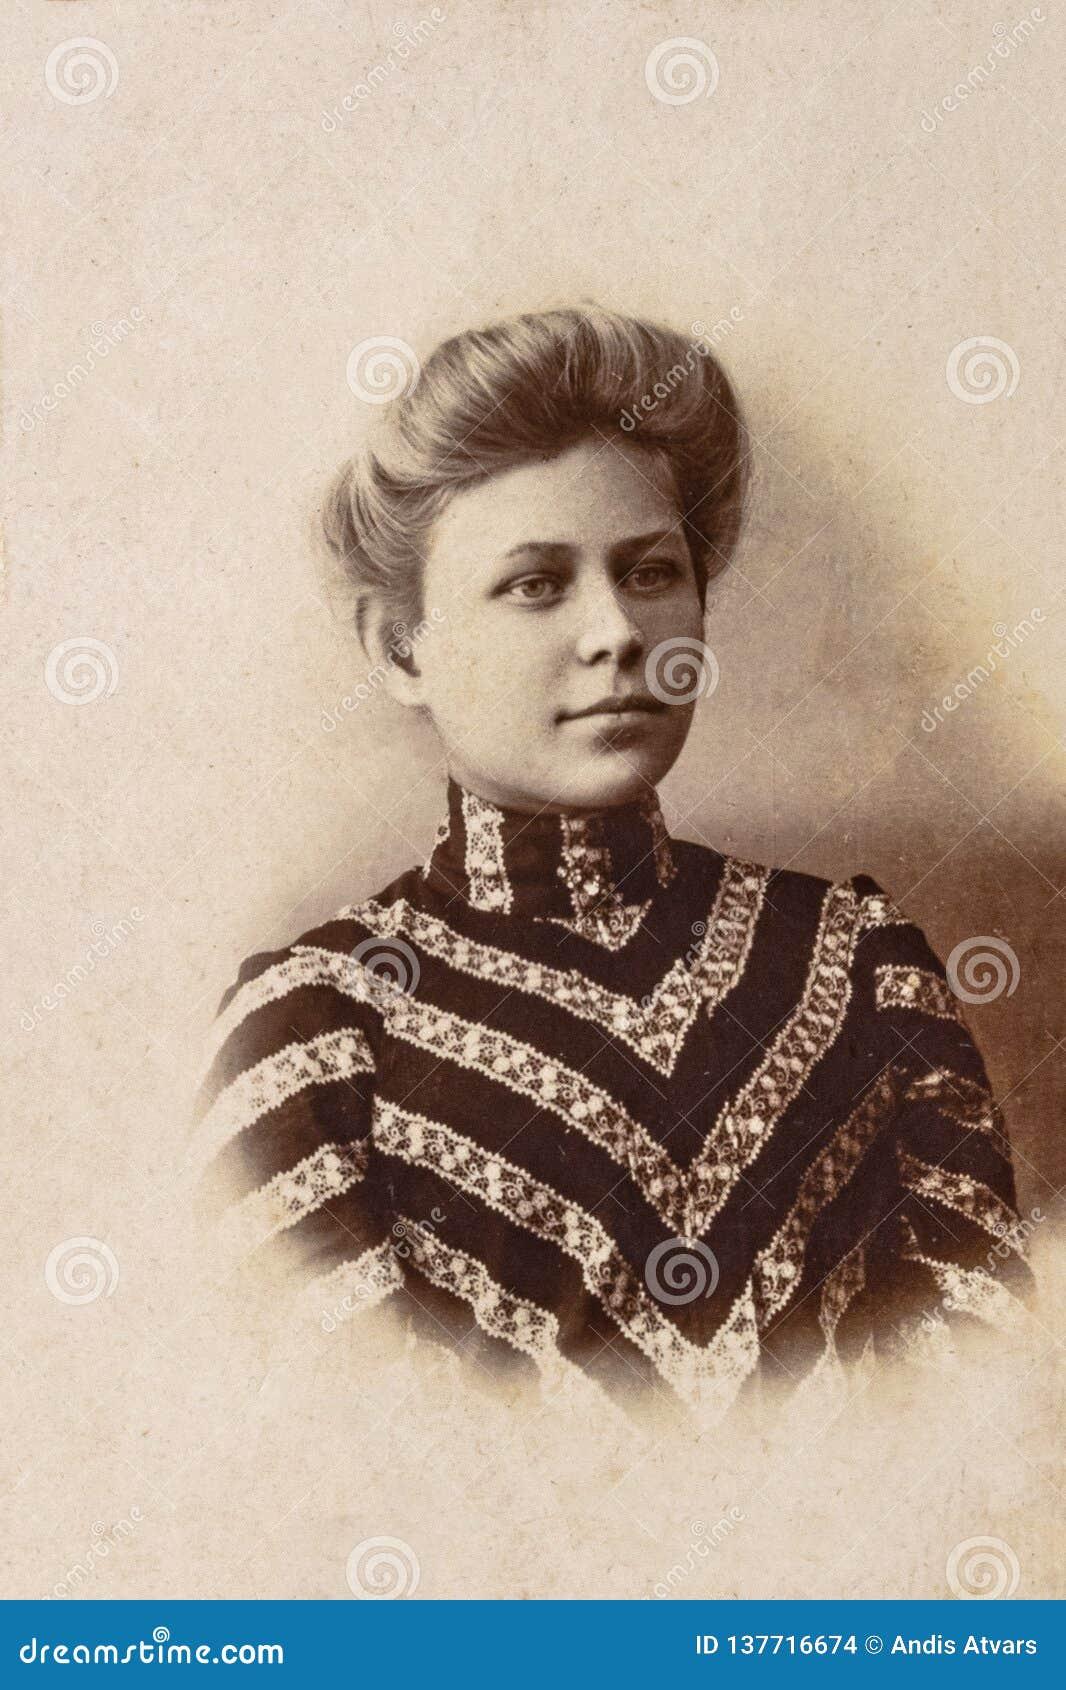 RUSLAND - CIRCA 1905-1910: Een portret van jonge vrouw, Vintage Carte DE Viste Edwardian erafoto